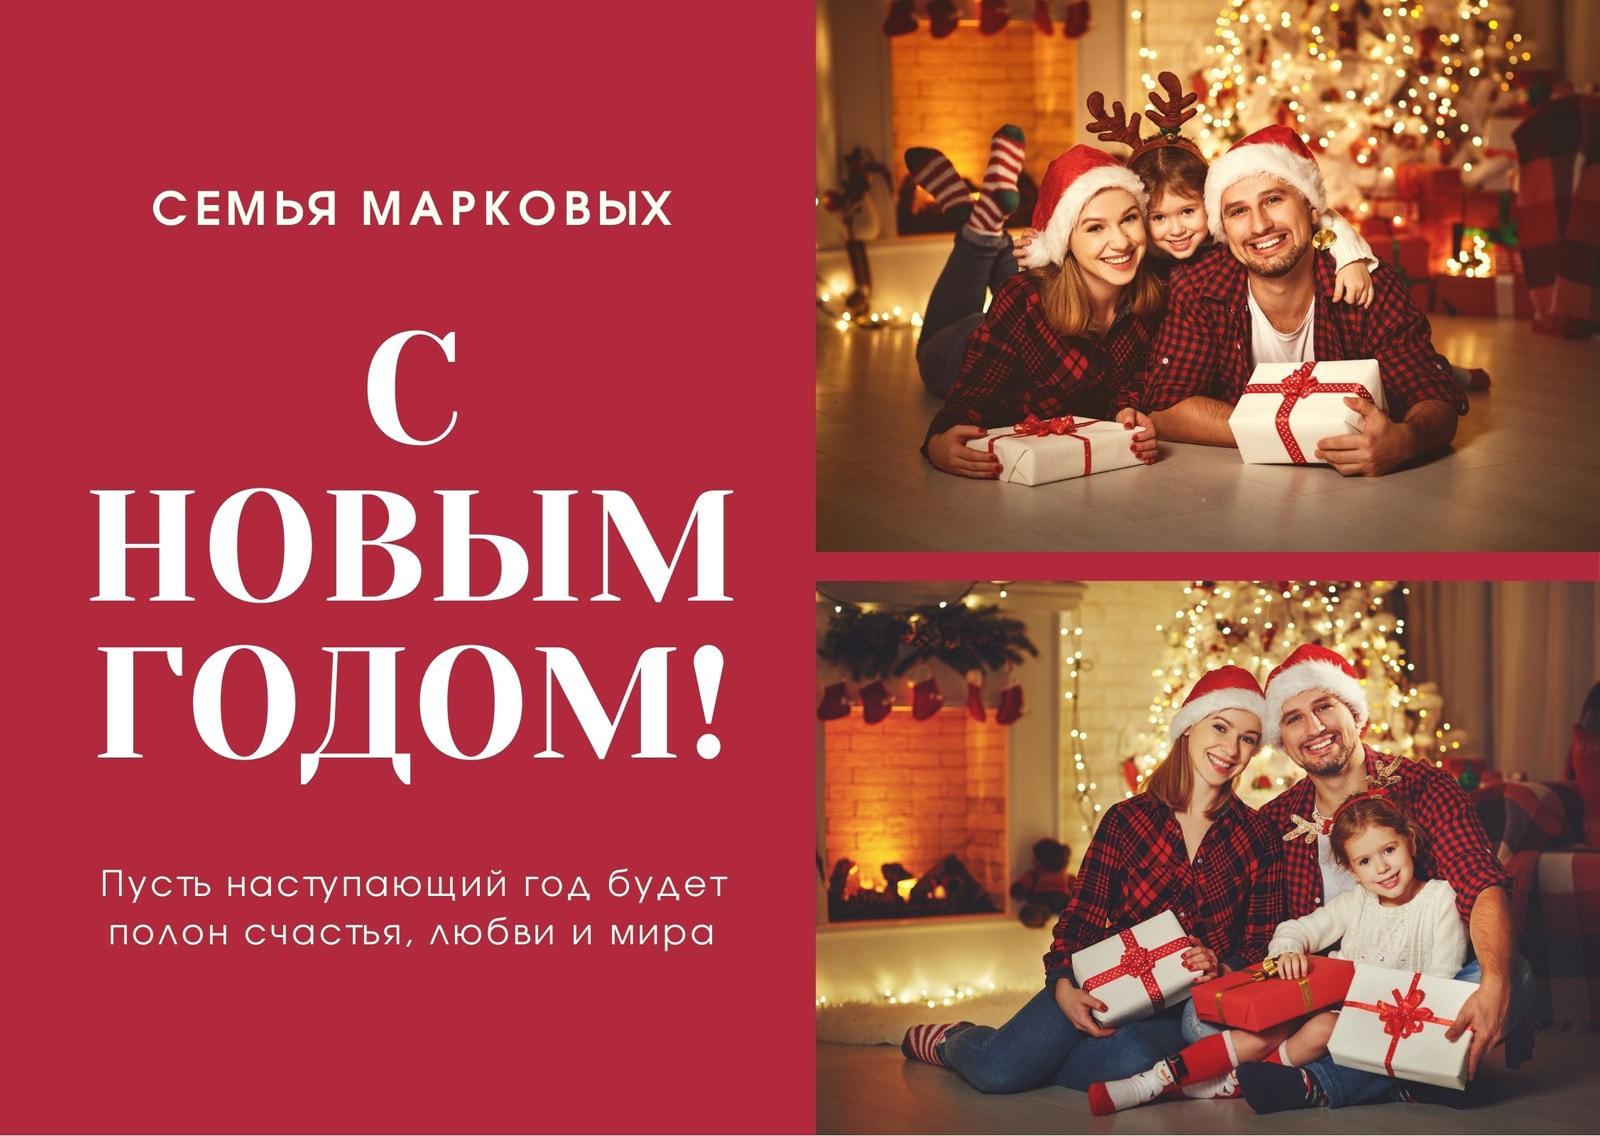 Красный Семья Фото Новый Год Открытка